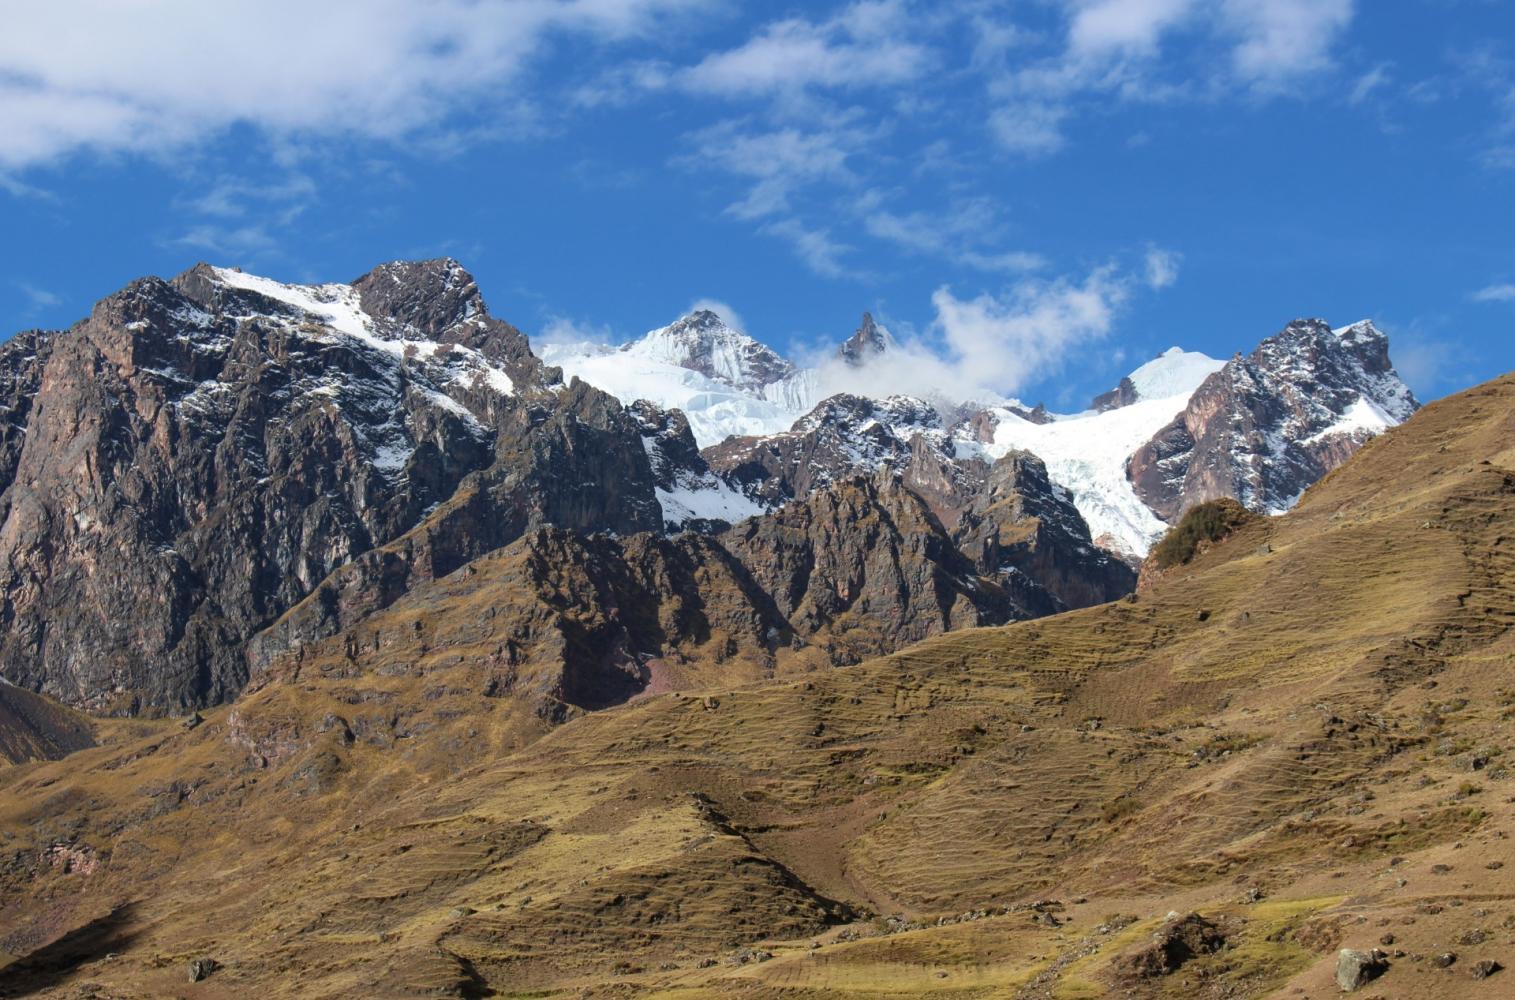 montagnes sacrées randonnée trek